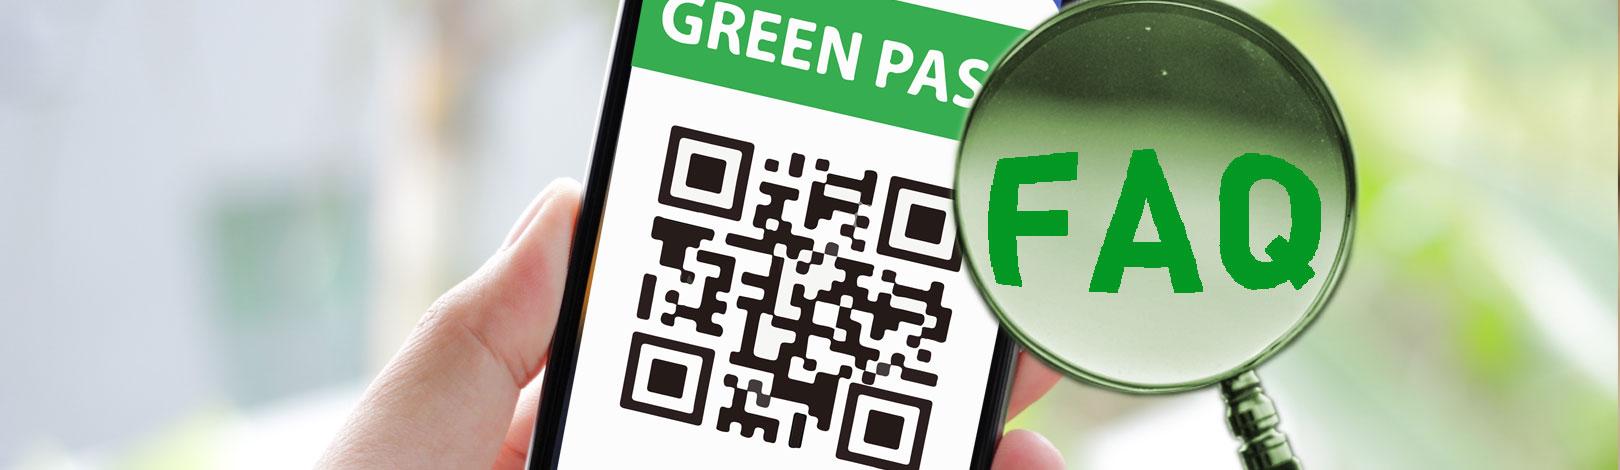 Green pass domande e risposte